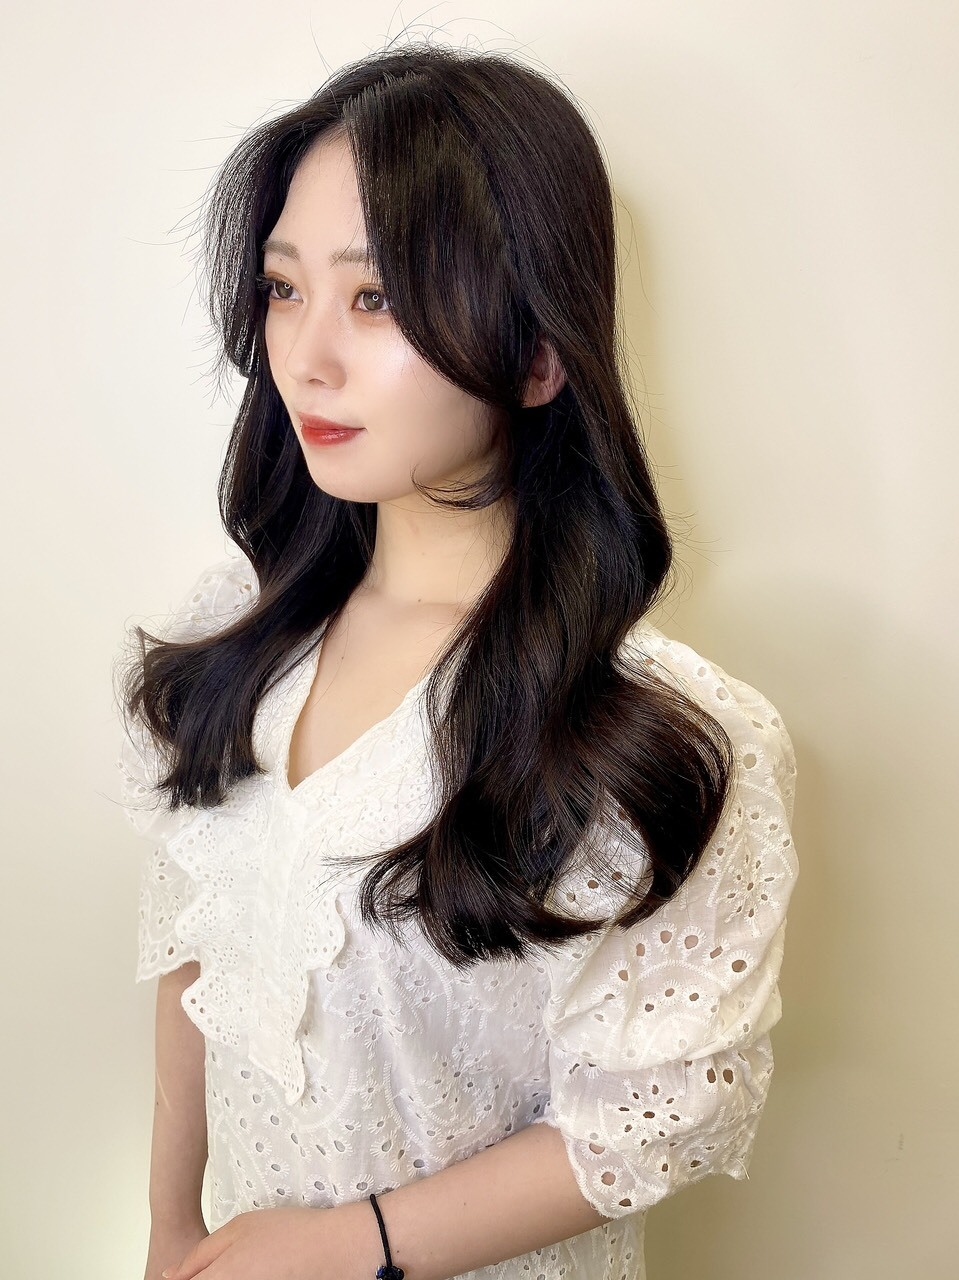 韓国スタイルのスペシャリストが在籍しているので、本場韓国のトレンドスタイルをご提案します。